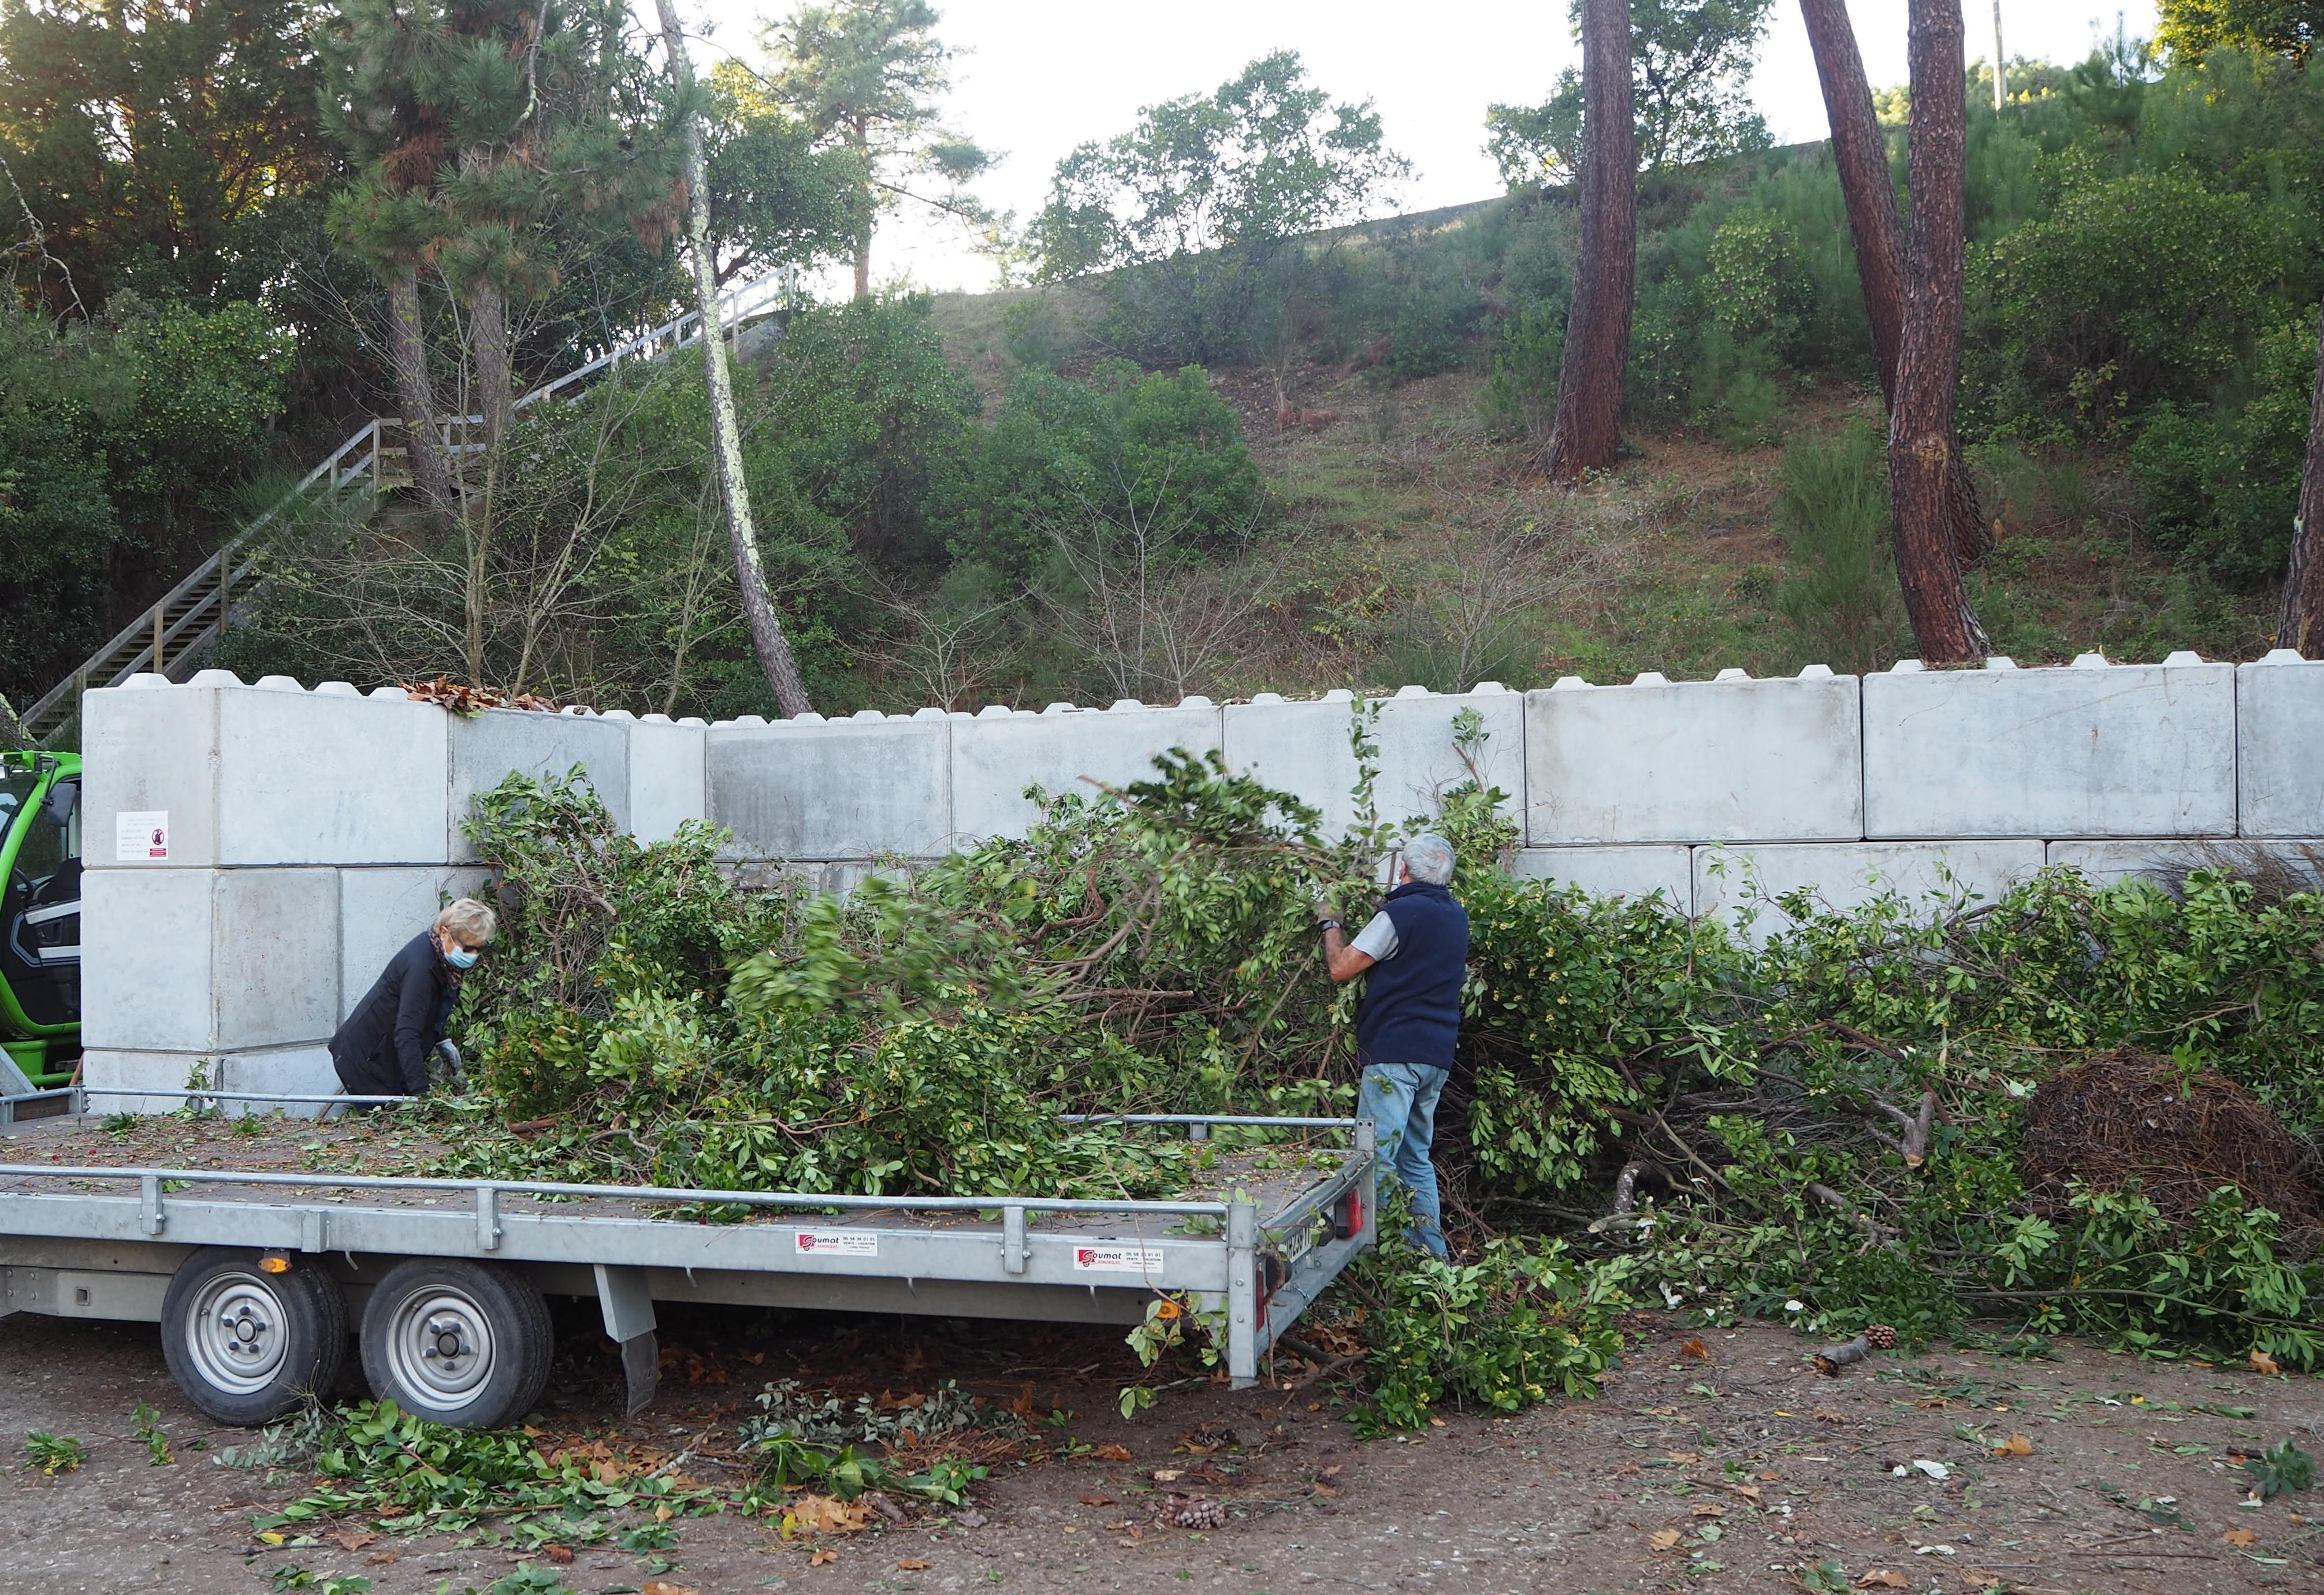 Déchèterie temporaire pour déchets verts à La Vigne